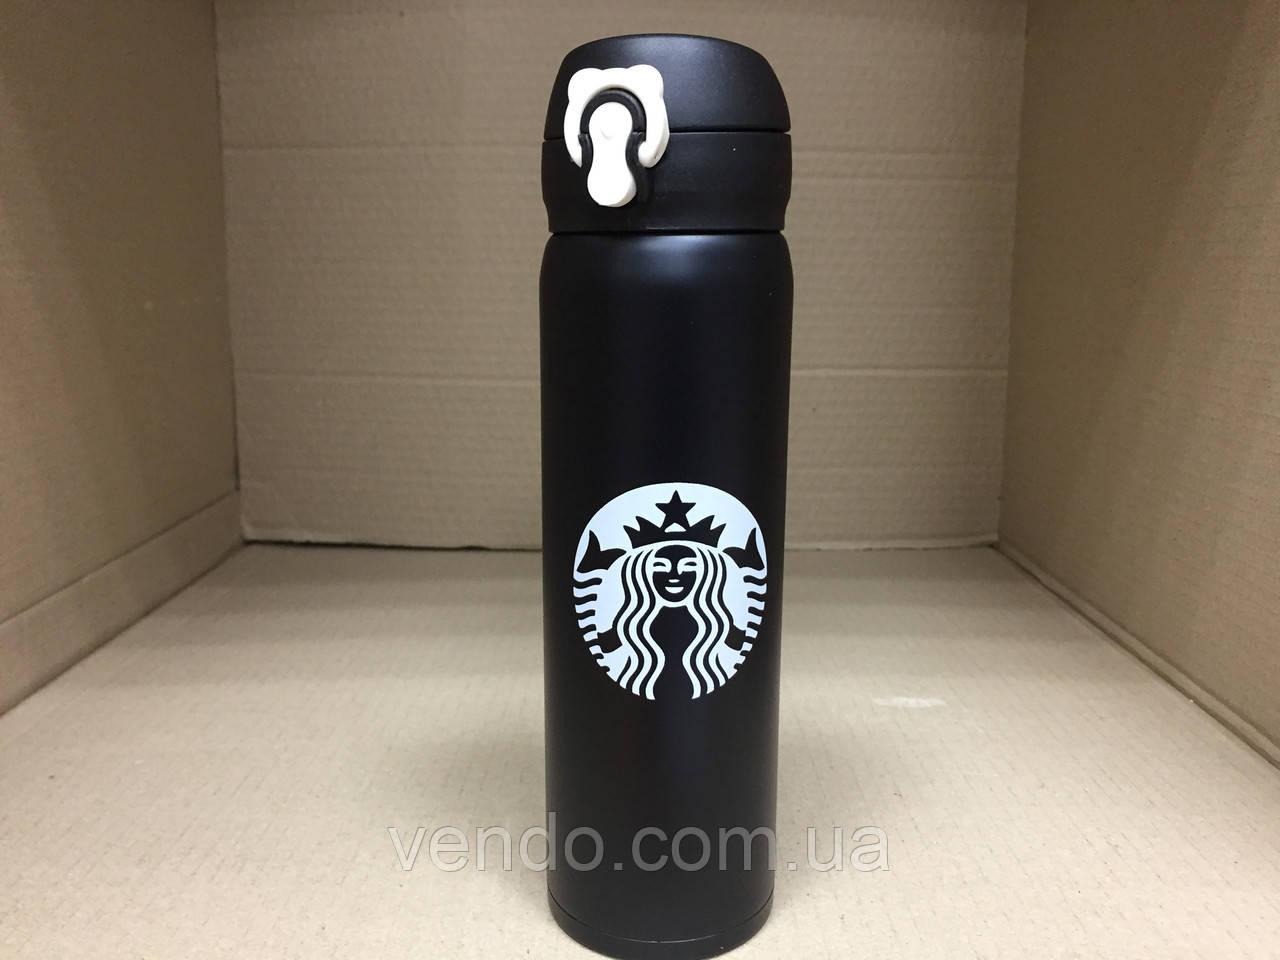 Термос Starbucks New 500 мл черный